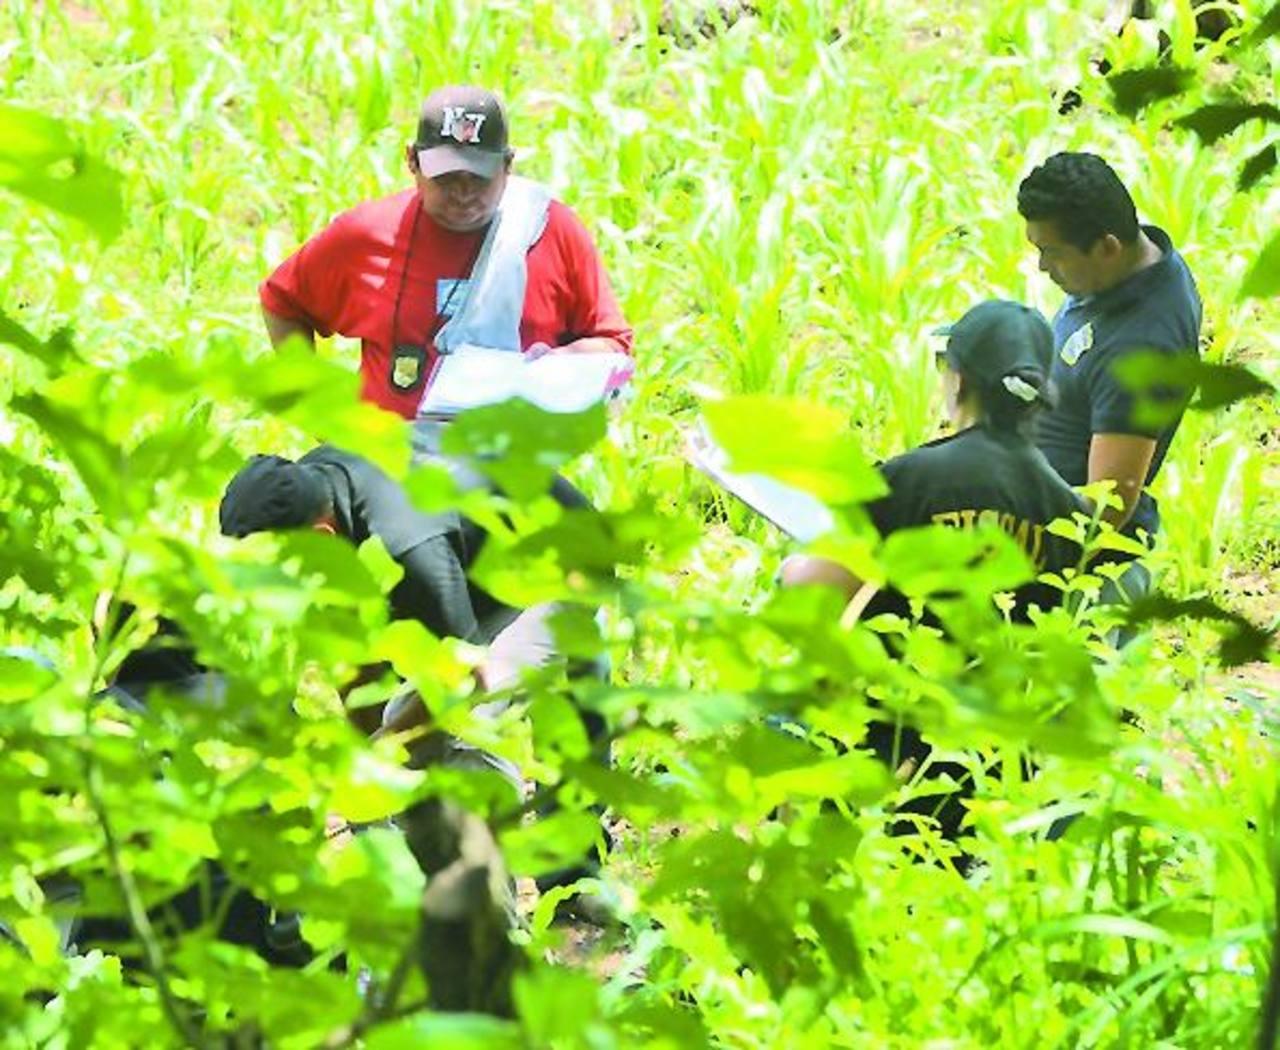 Policías inspeccionan el lugar donde ayer fue asesinado un hombre en Panchimalco. Foto EDH / ericka chávez